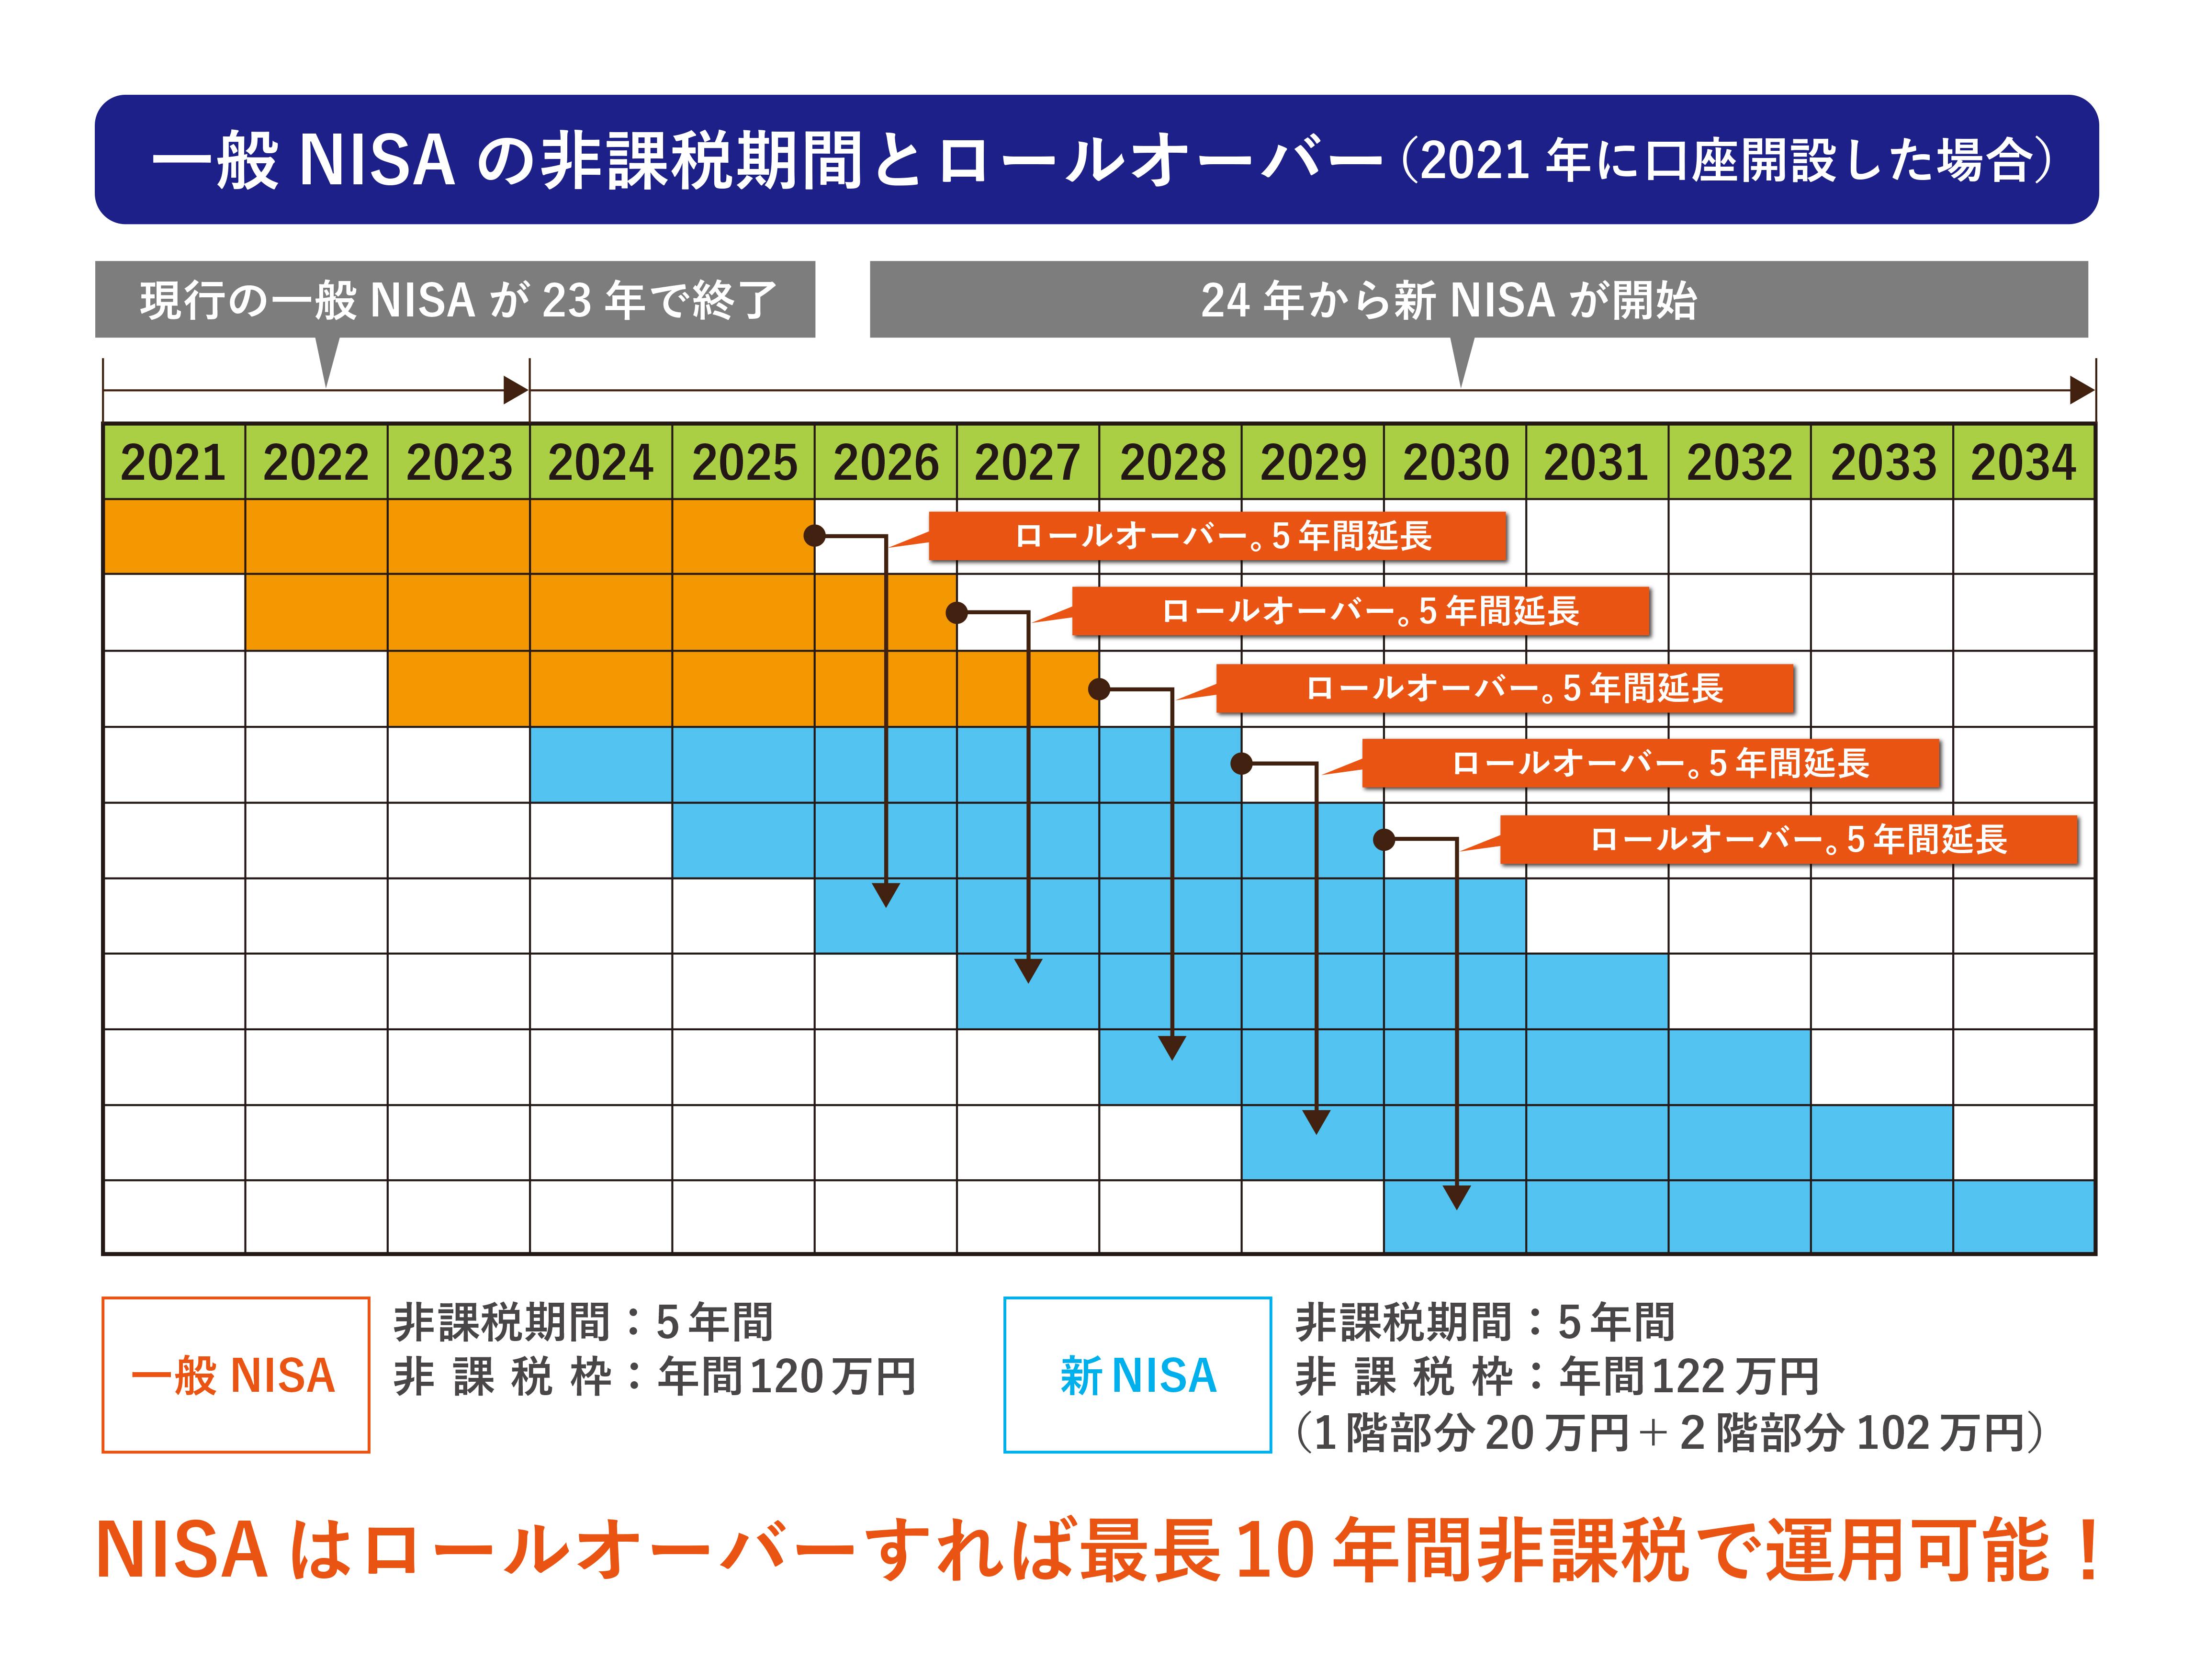 一般NISAの非課税期間とロールオーバー